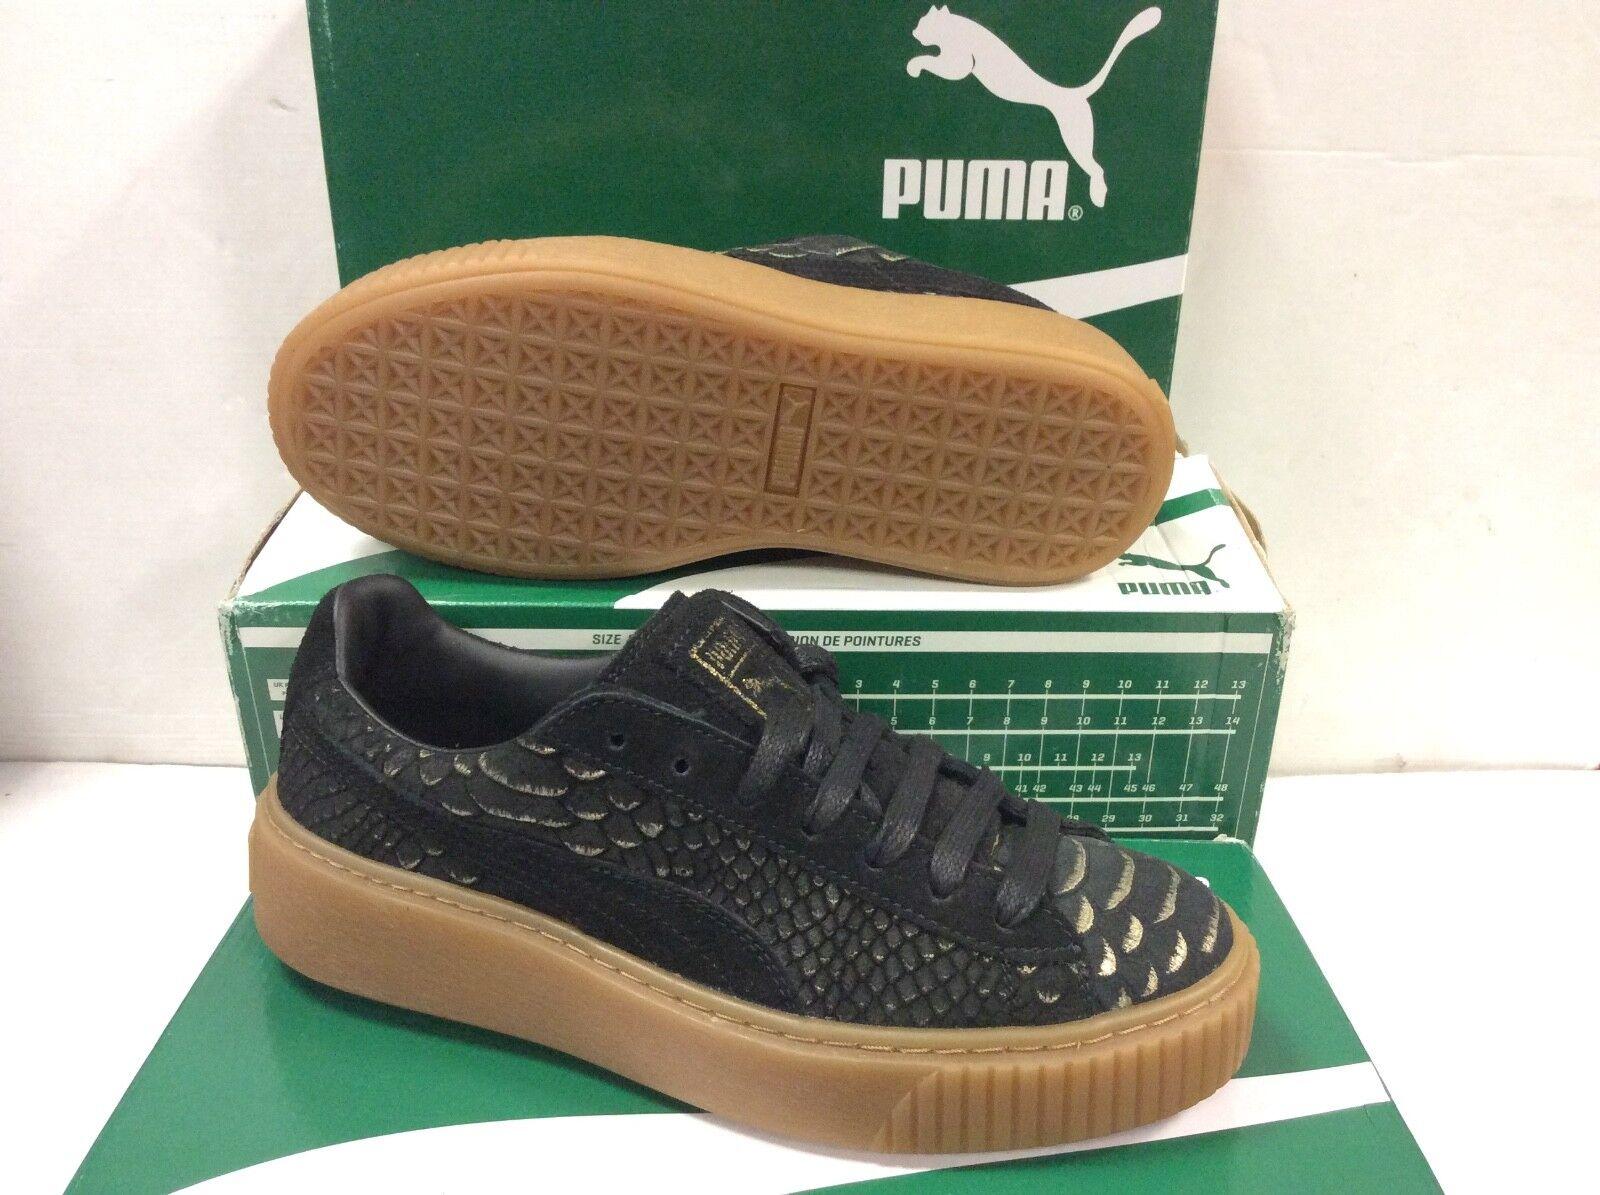 Puma Platform exotskin Or Noir Femmes Baskets, Taille UK 3 EU 35.5